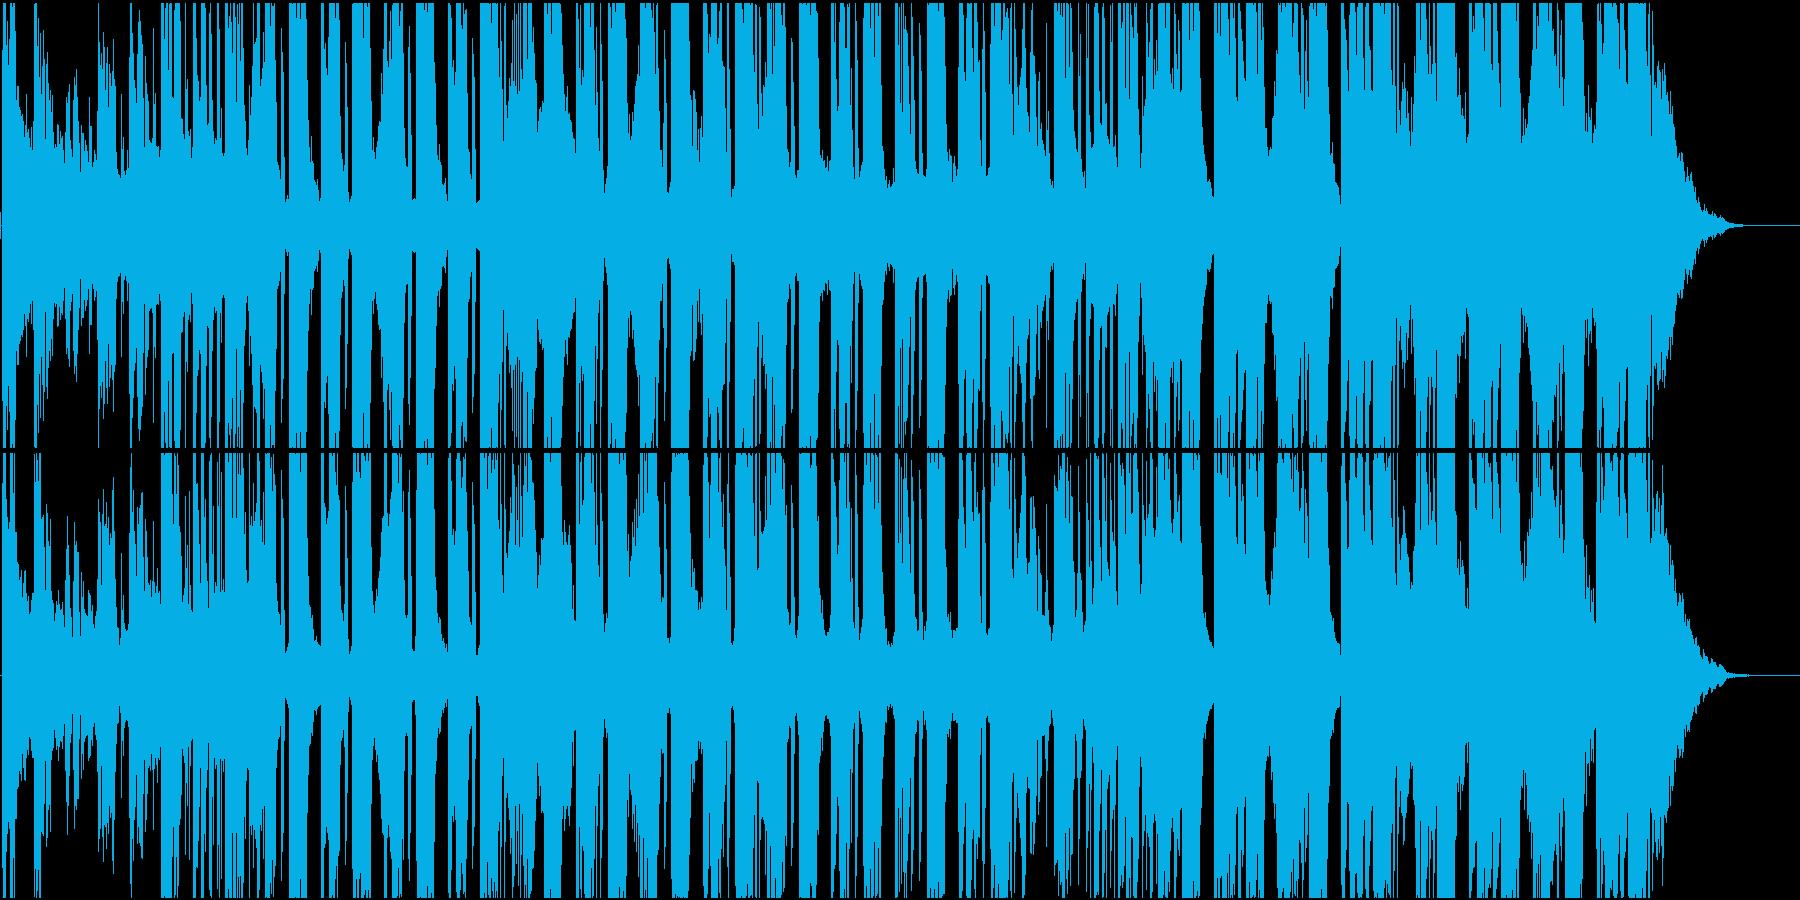 アップリフィティングなフューチャーベースの再生済みの波形